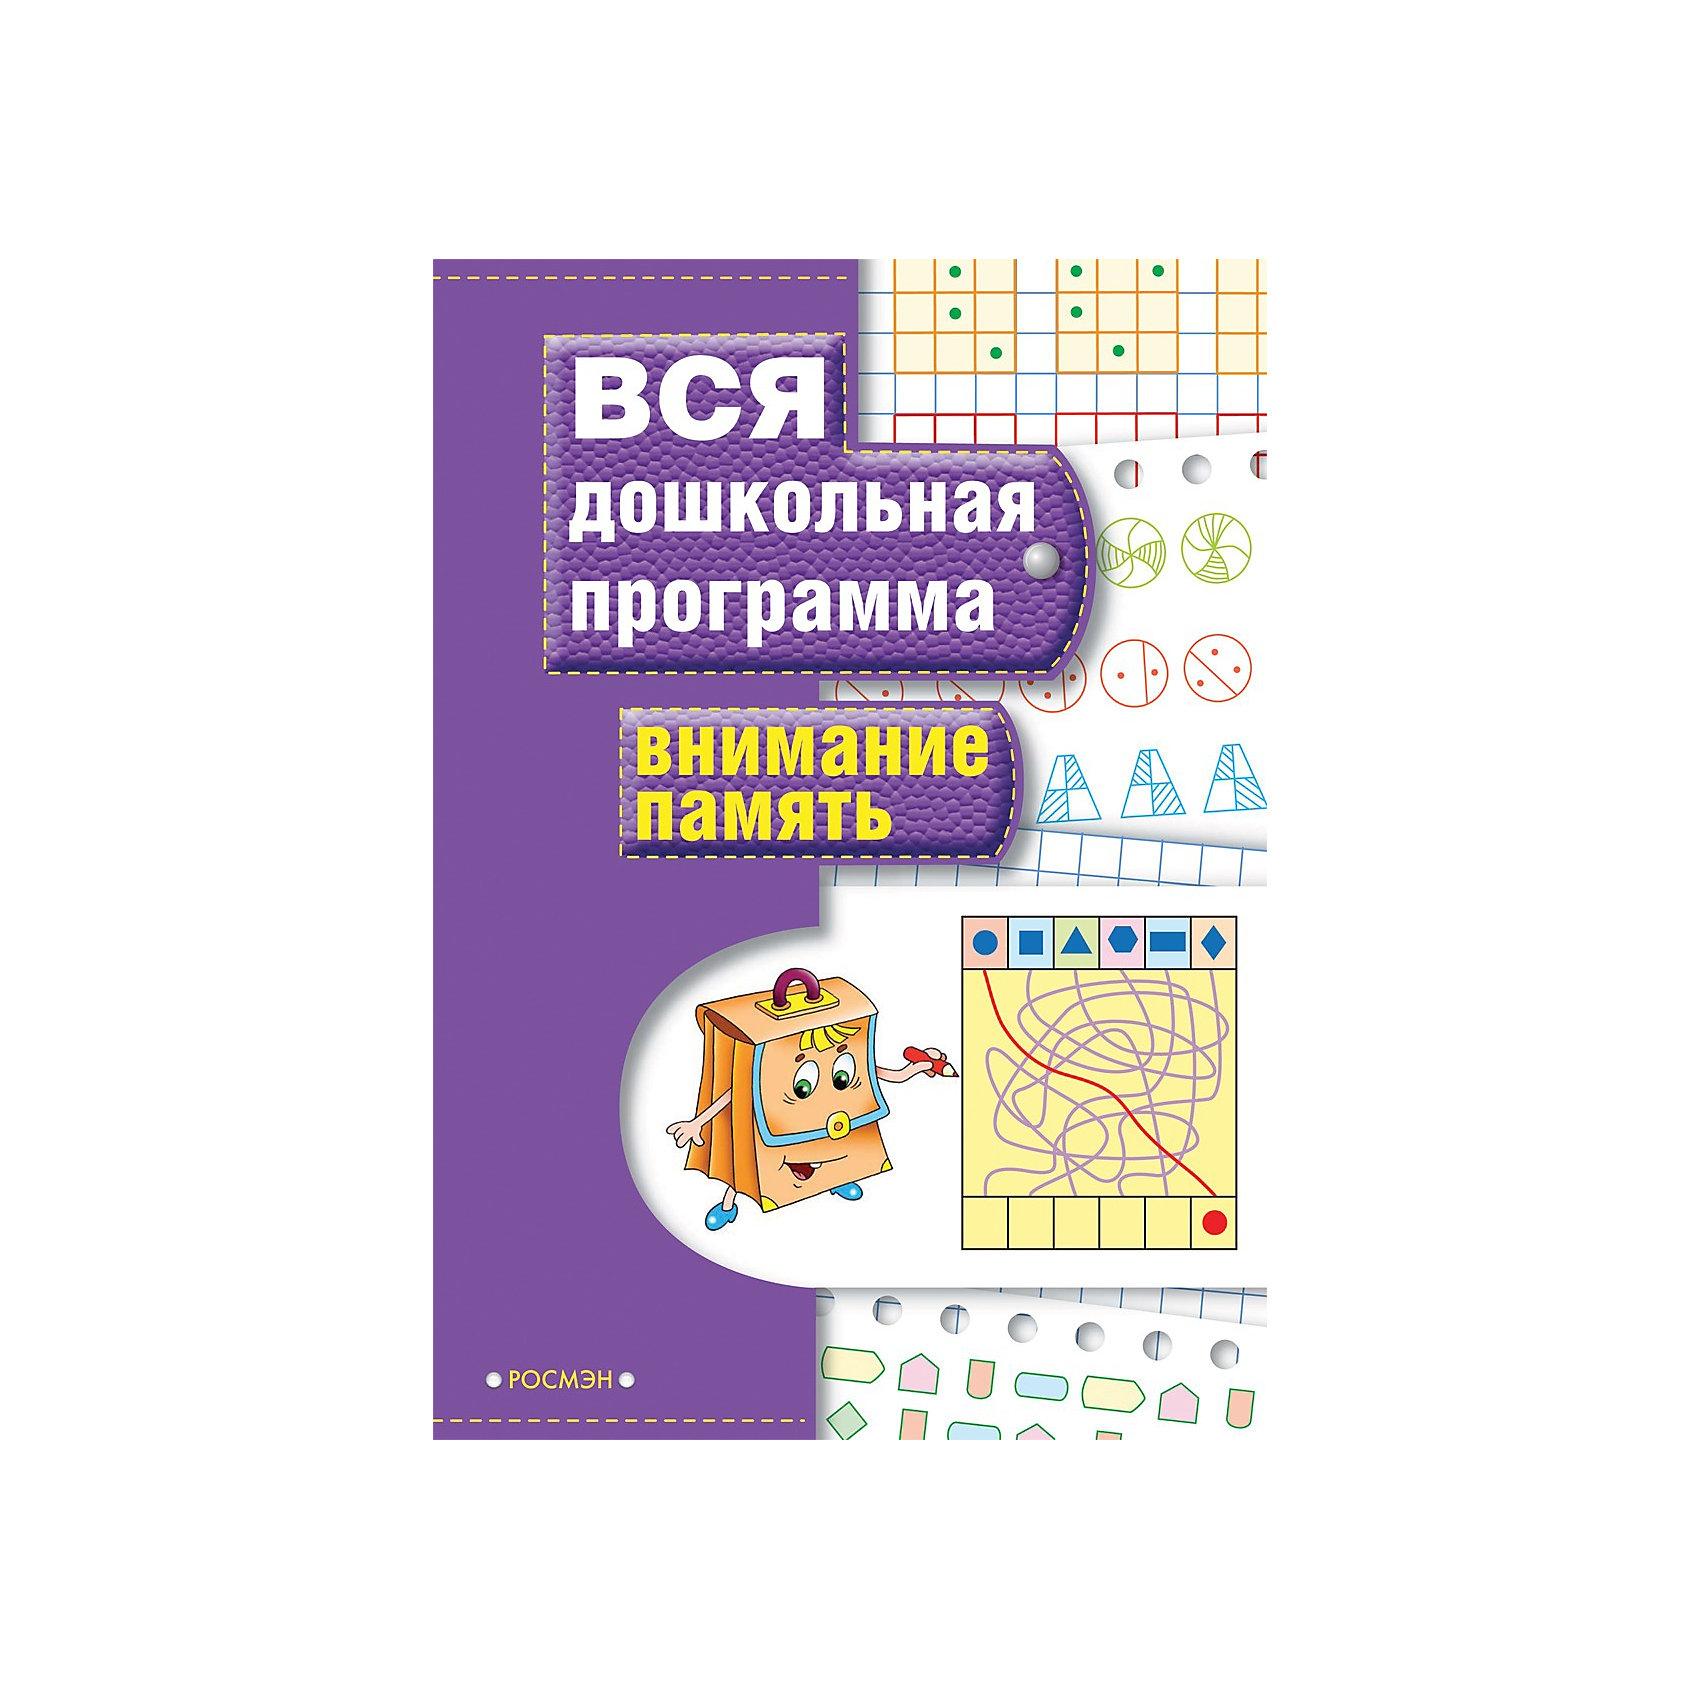 """Комплект """"Вся дошкольная программа"""" (6 книг), Росмэн от myToys"""